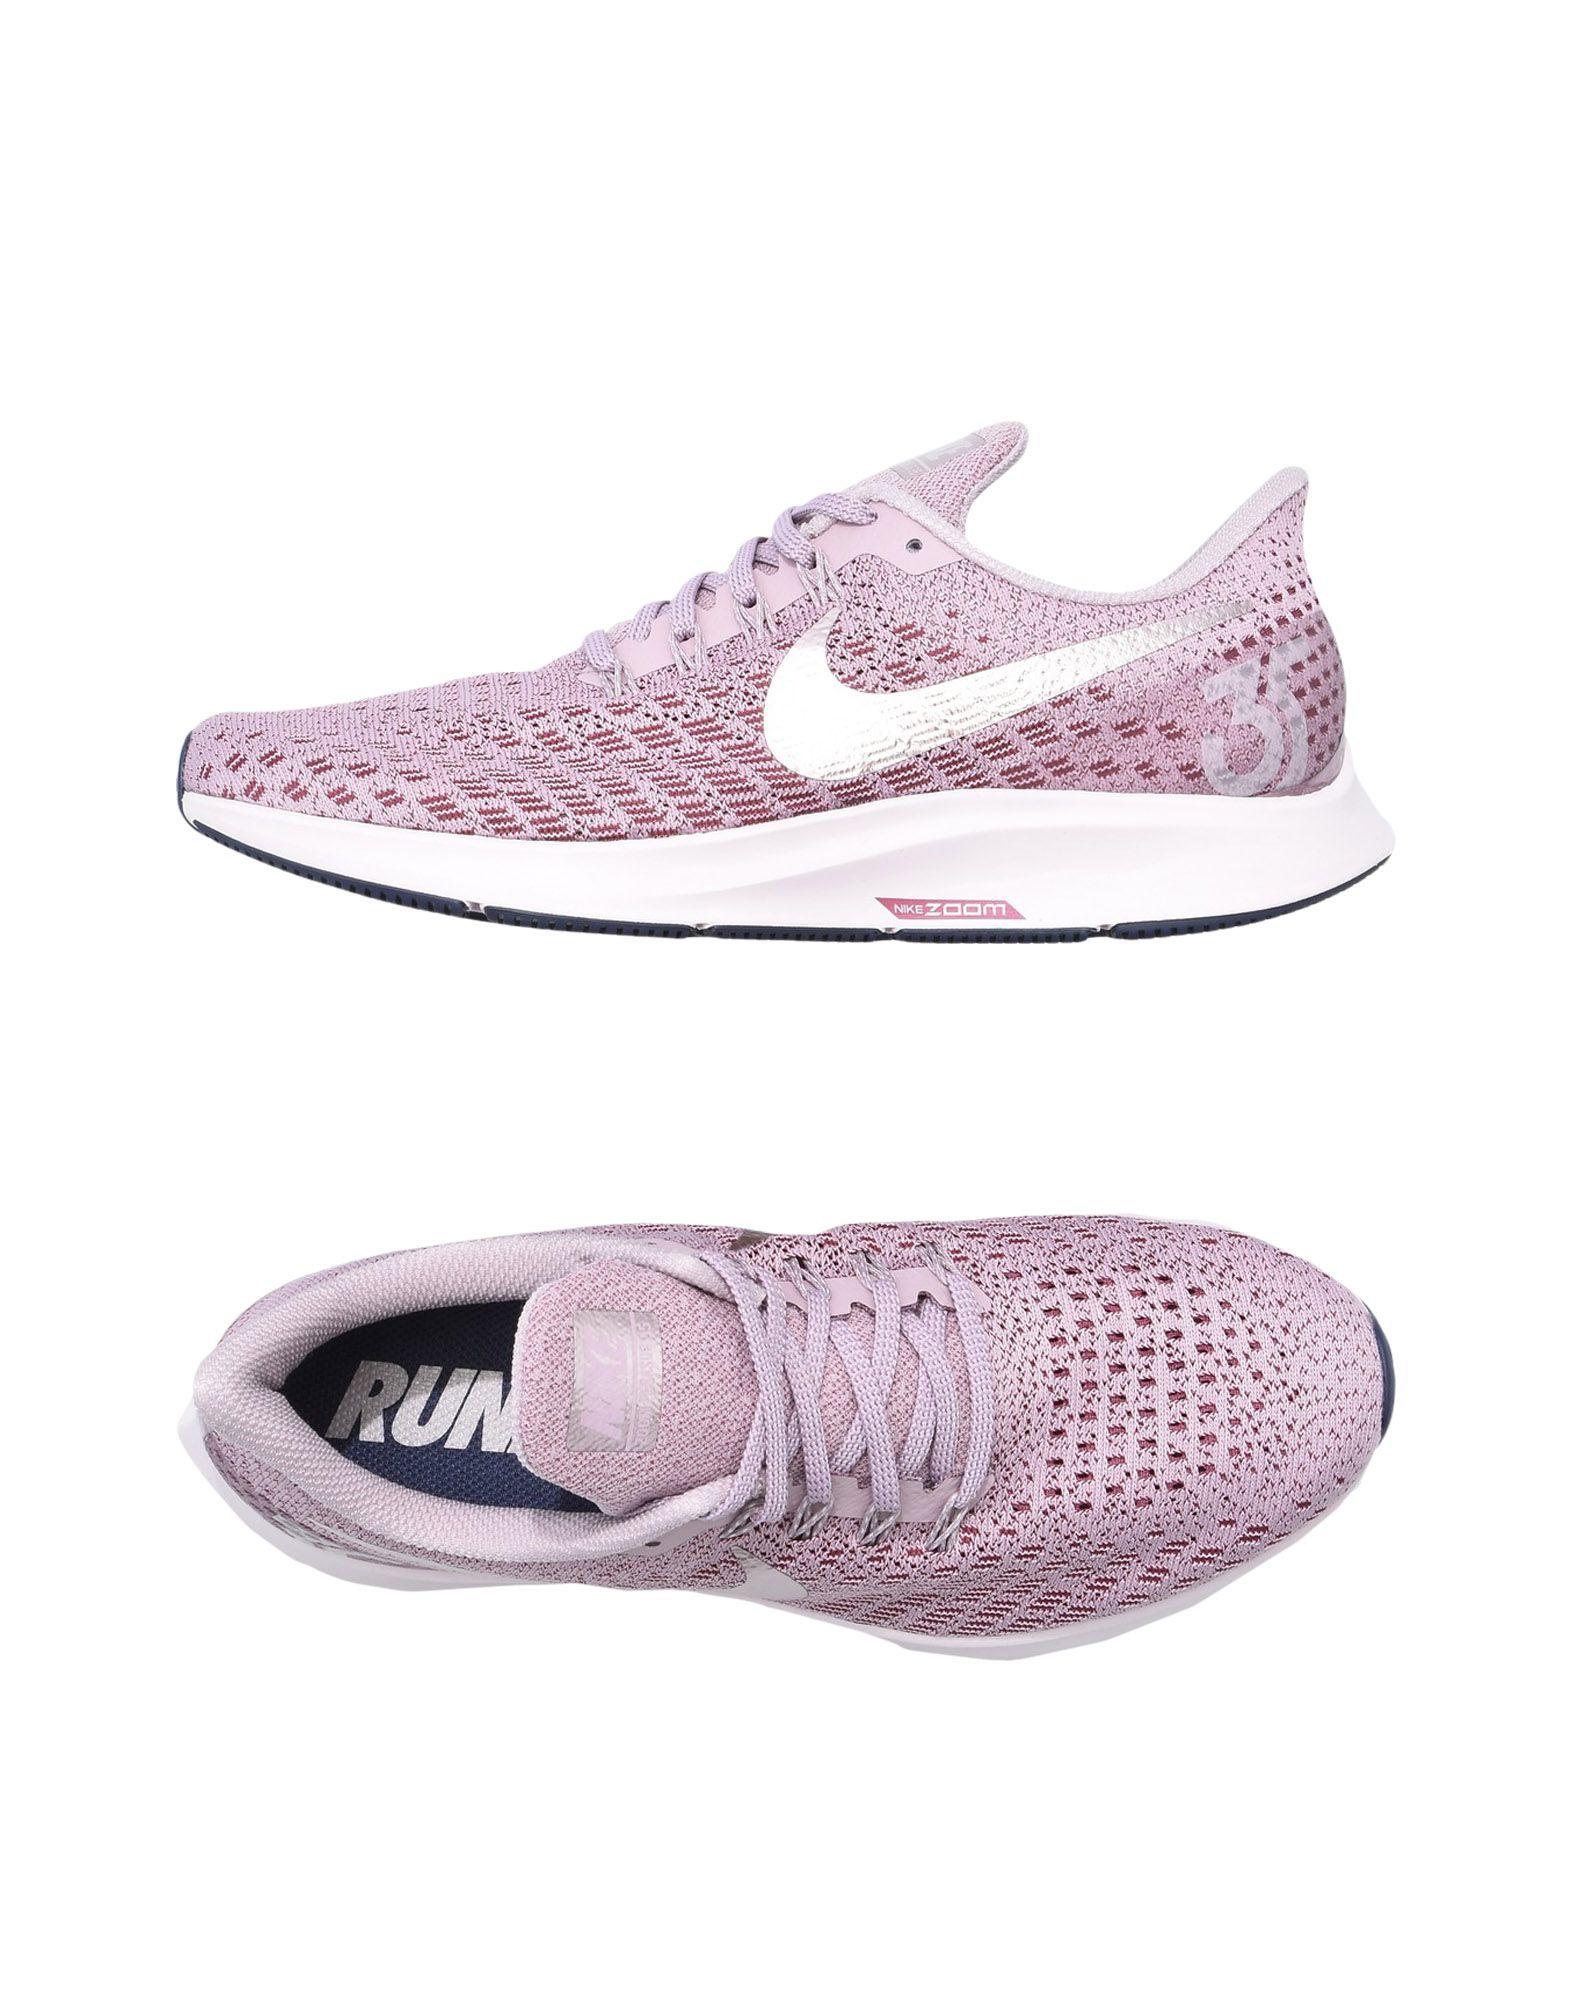 Nike   Air Zoom Pegasus 35  11497462XH Gute Qualität beliebte Schuhe